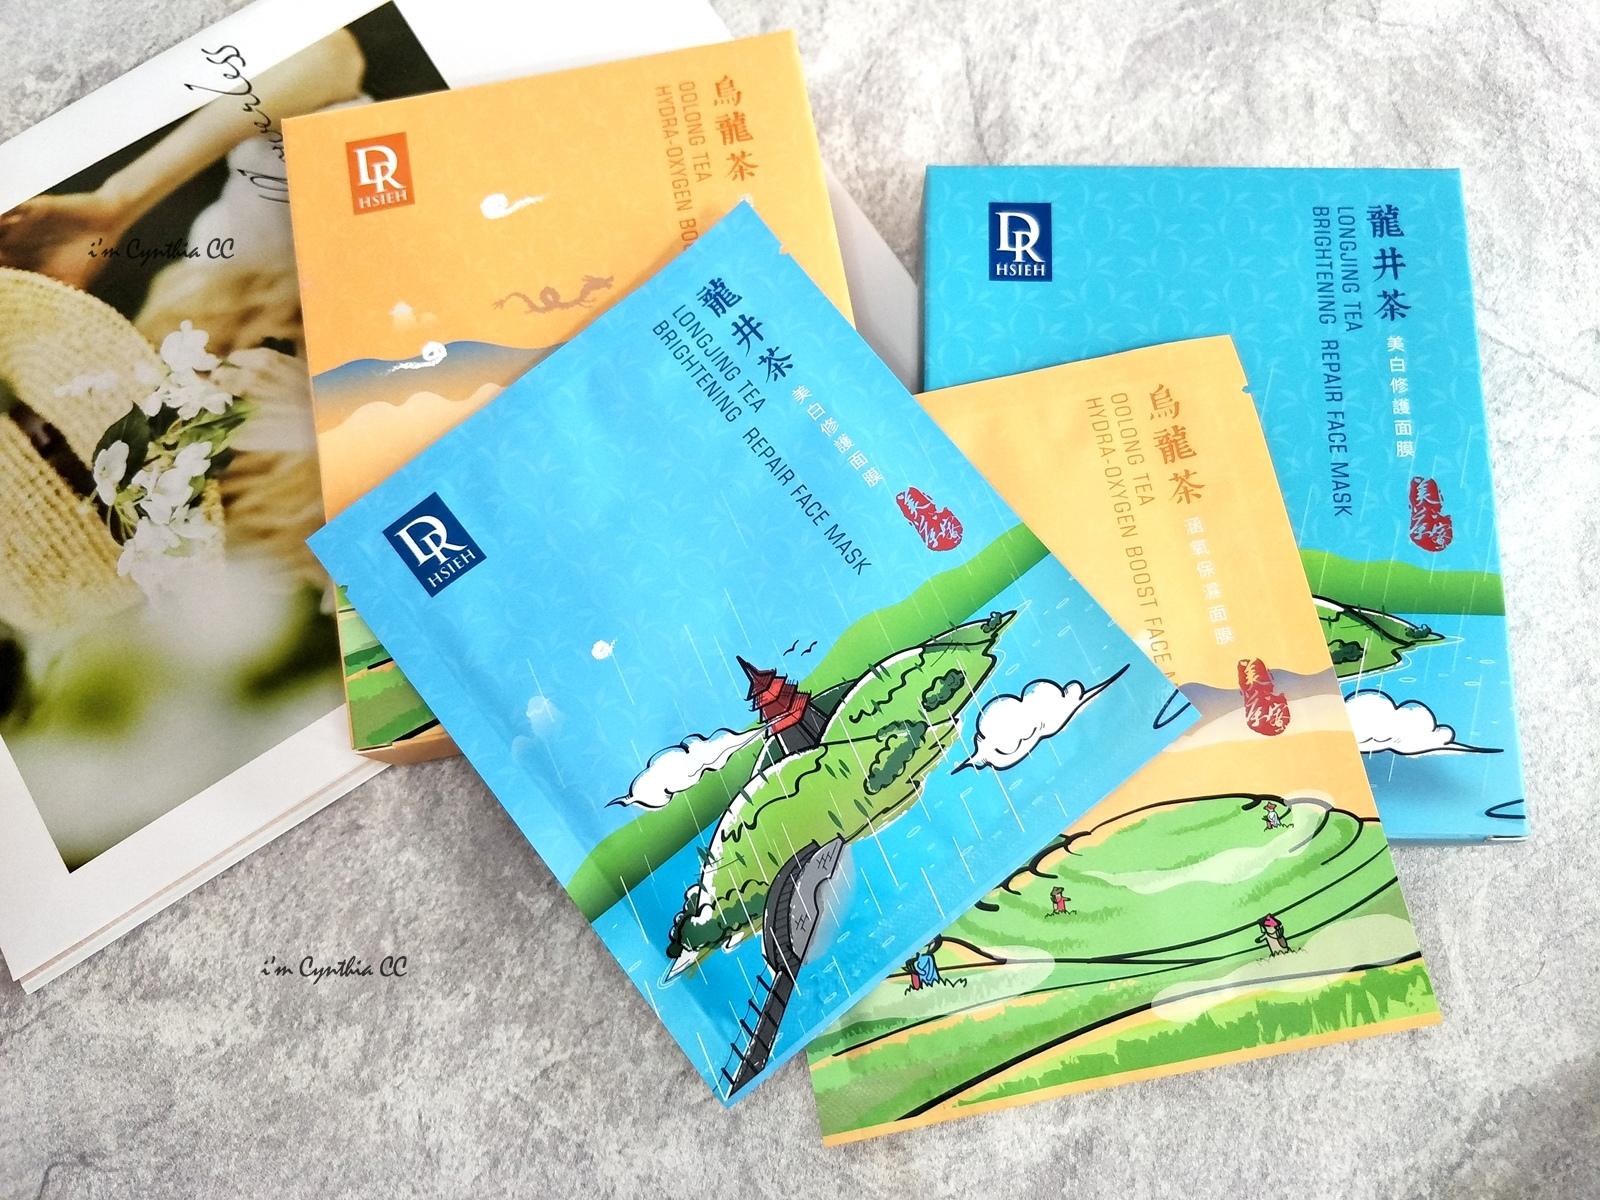 Dr.Hsieh達特醫美茶系列開箱 龍井茶美白修護面膜和烏龍茶涵氧保濕面膜